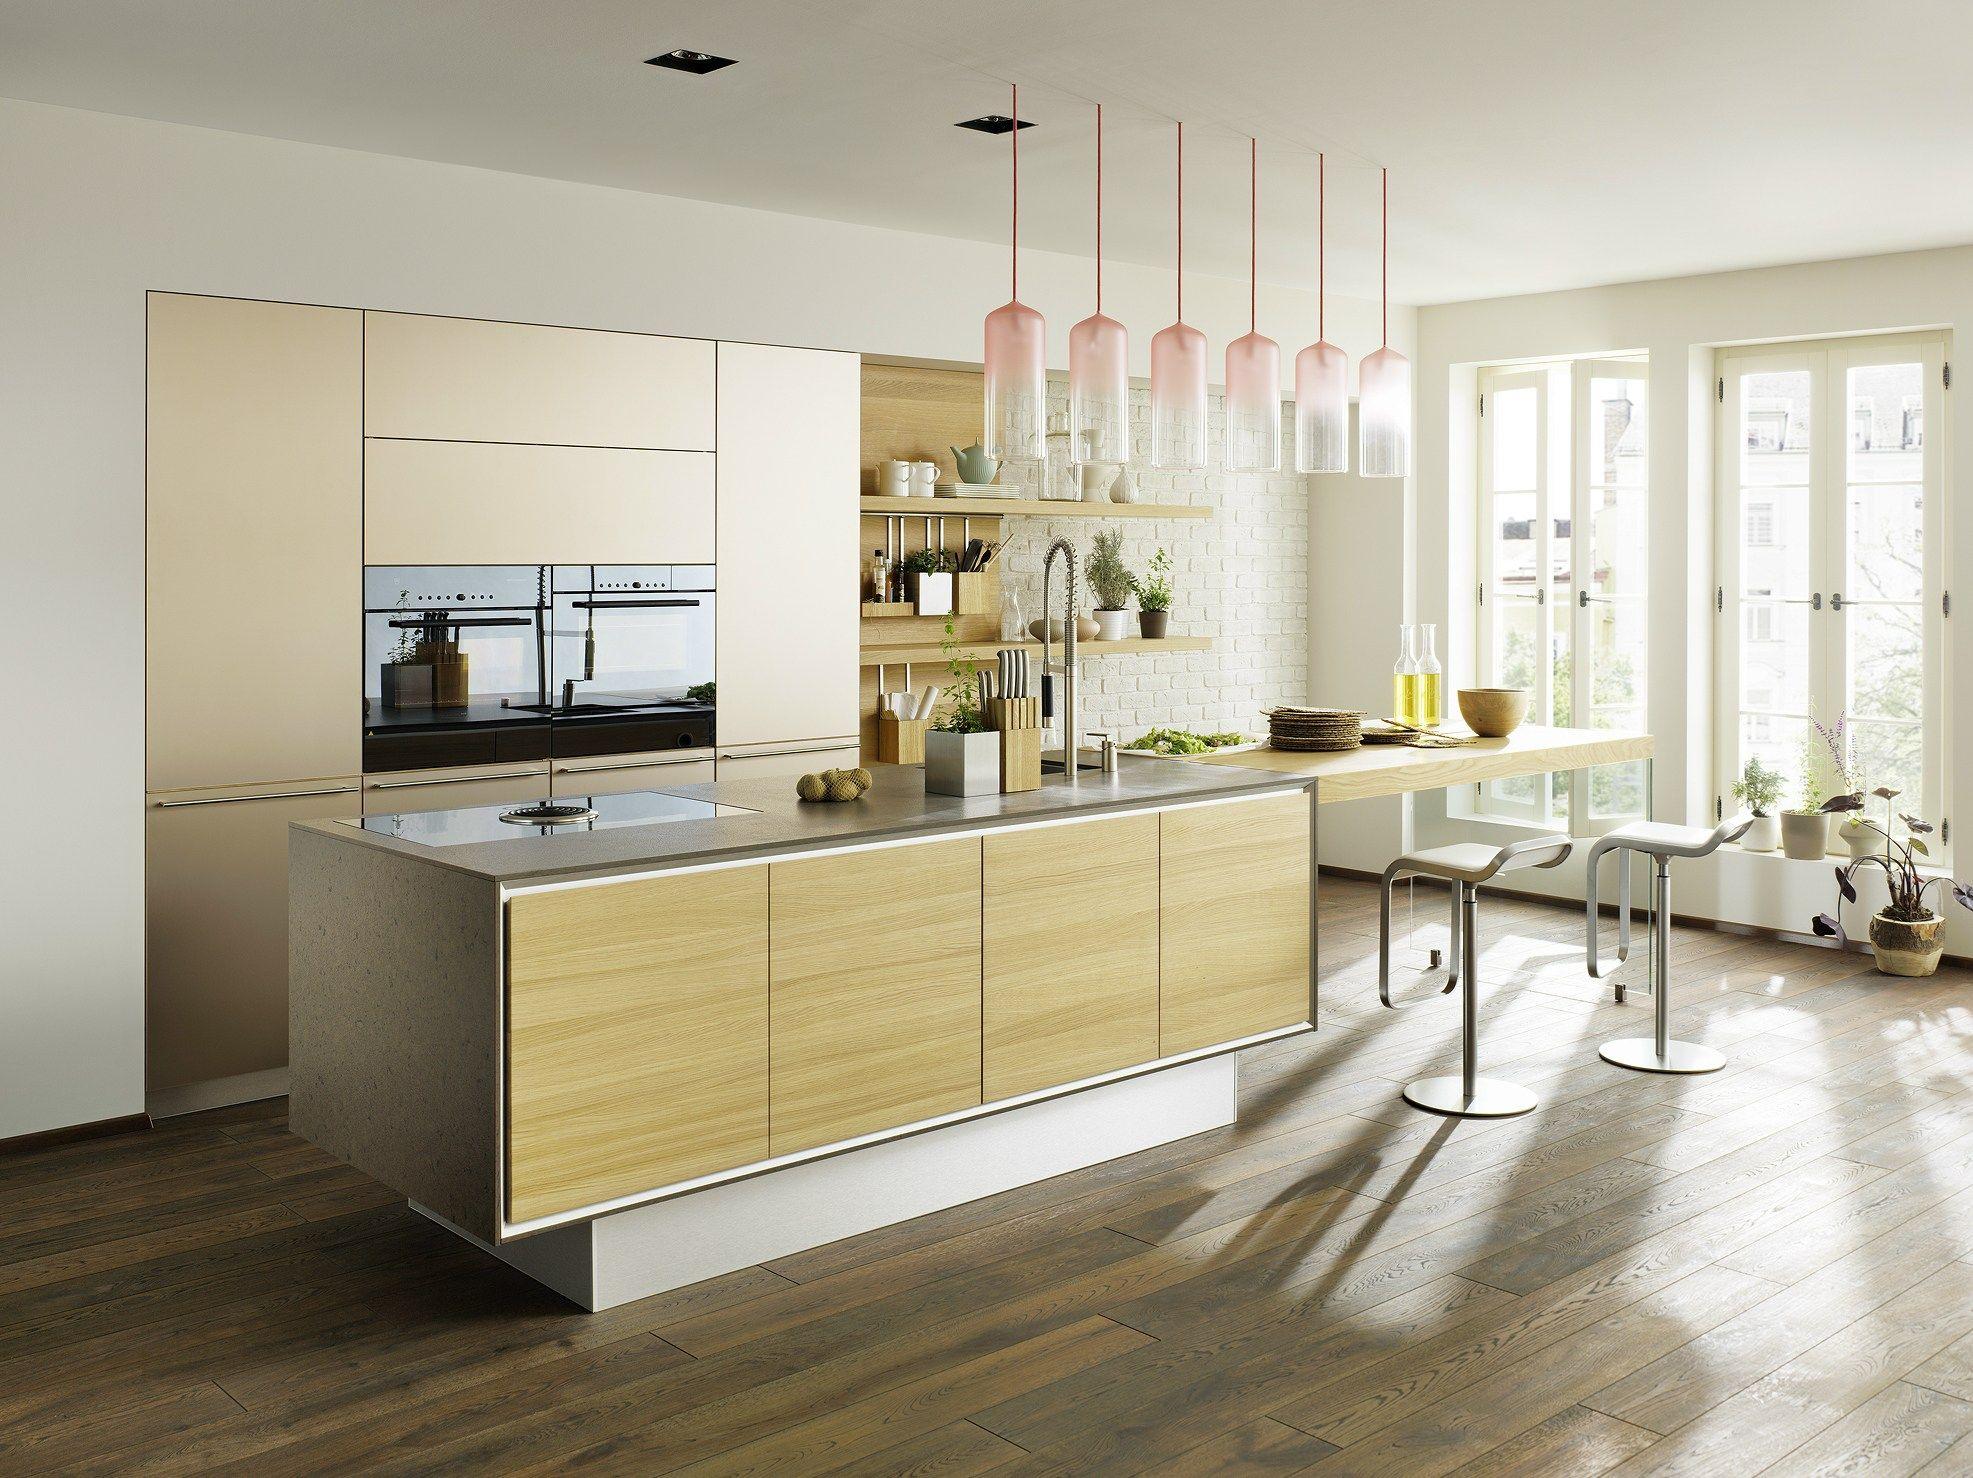 Solid wood kitchen with island vao by team natürlich wohnen design